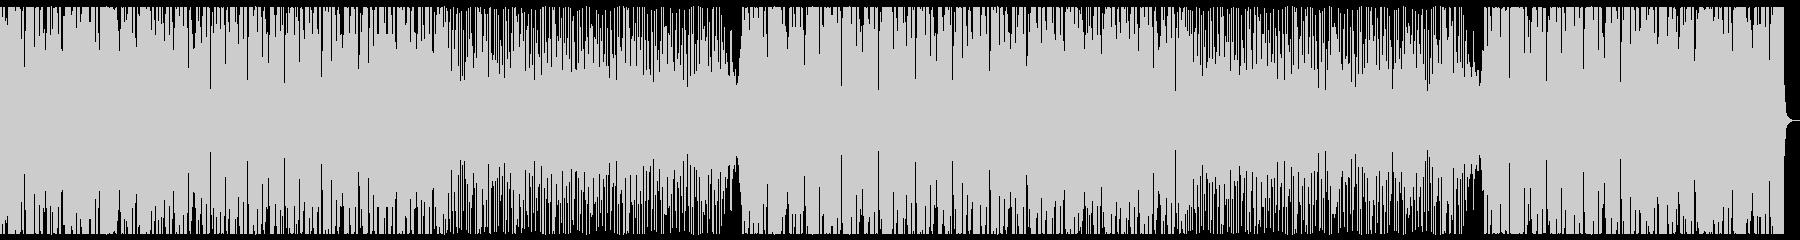 明るくコミカル→不穏BreakBeatsの未再生の波形